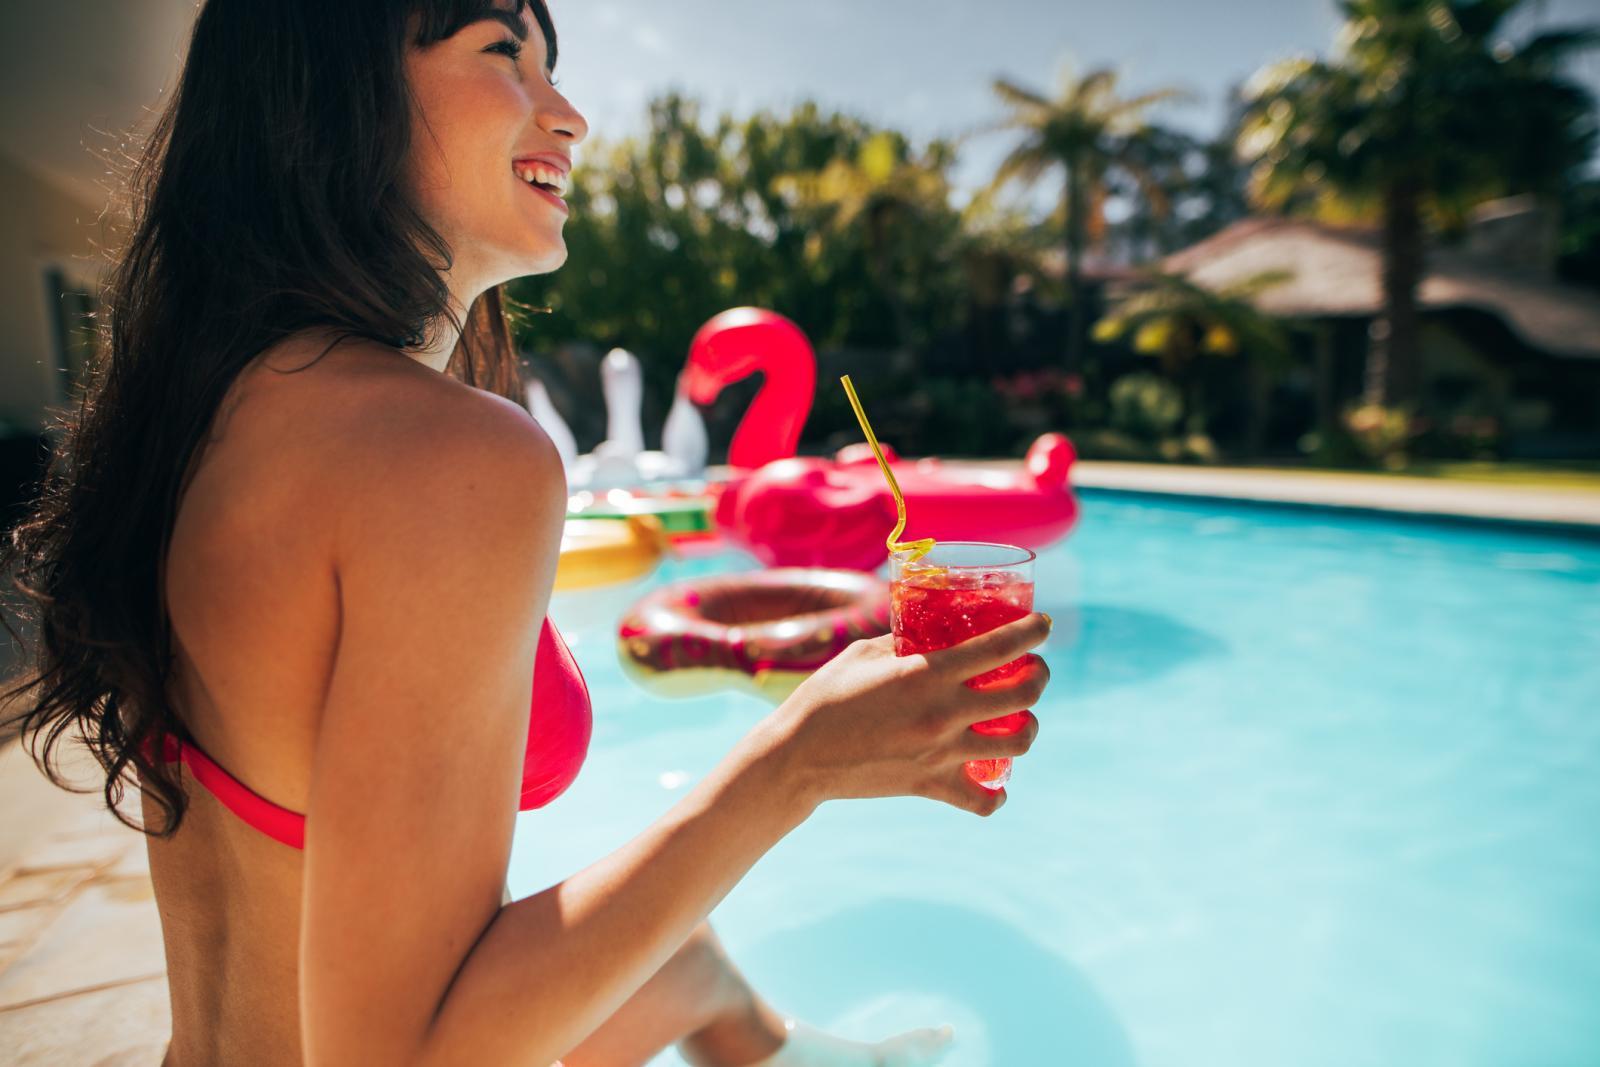 Osim što pomažu kod mršavljenja, pojedini sokovi pomažu pri izbacivanju štetnih toksina iz organizma.